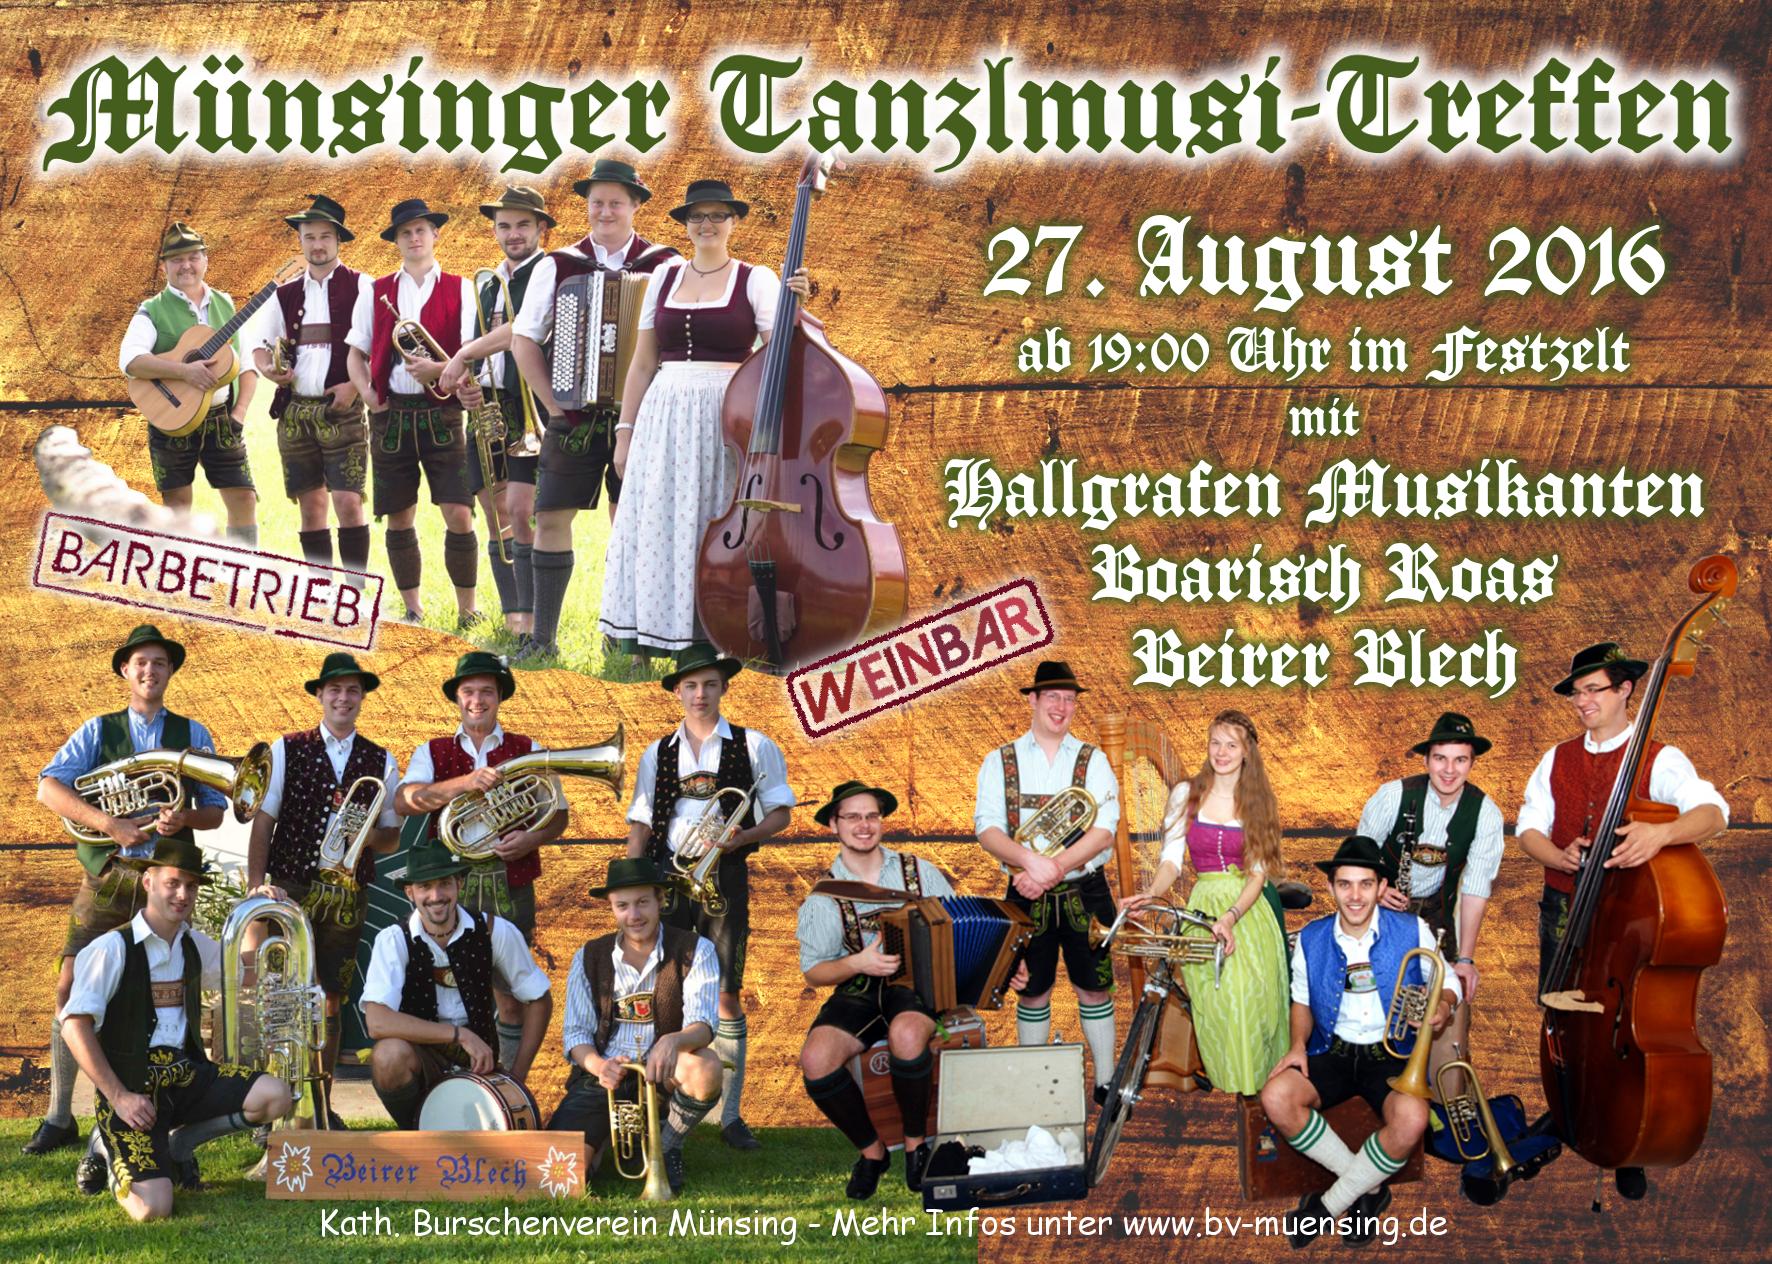 Flyer_Tanzlmusi-Treffen